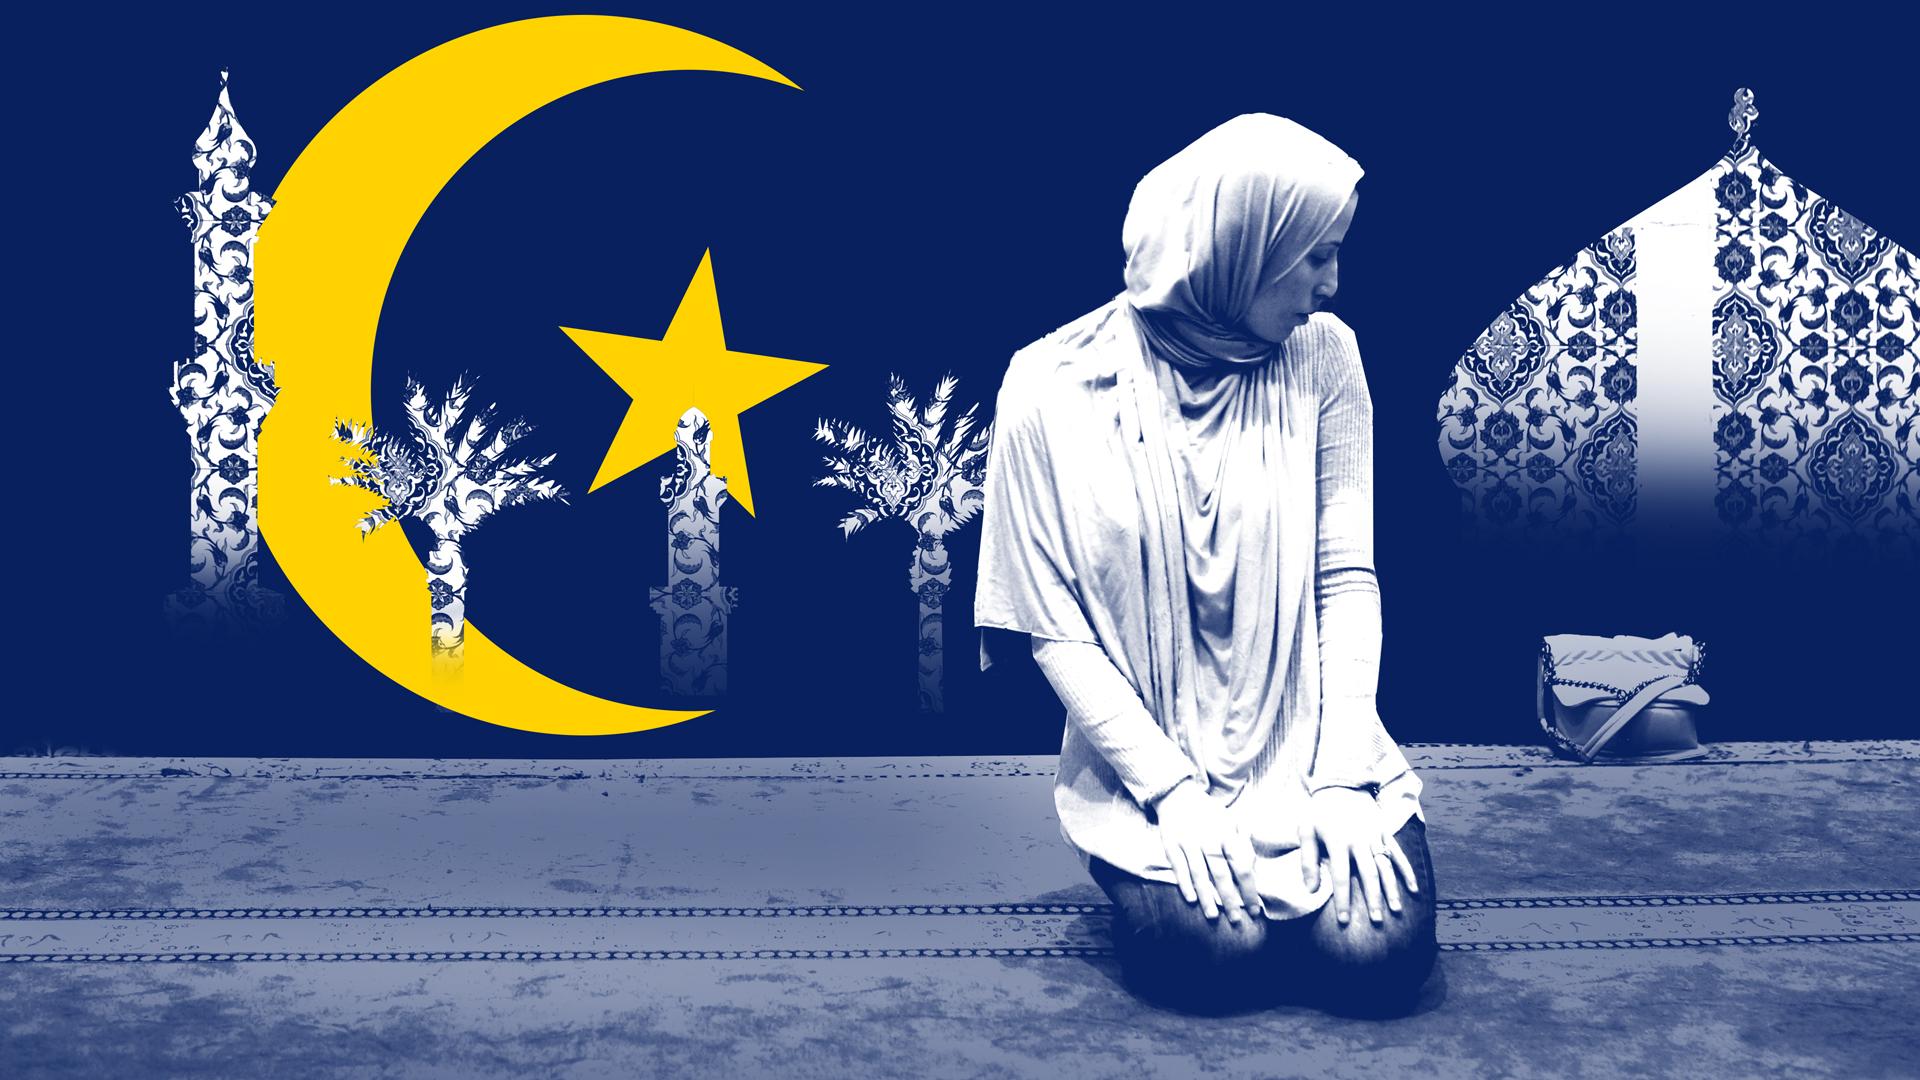 ramadan-teaser-3.jpg